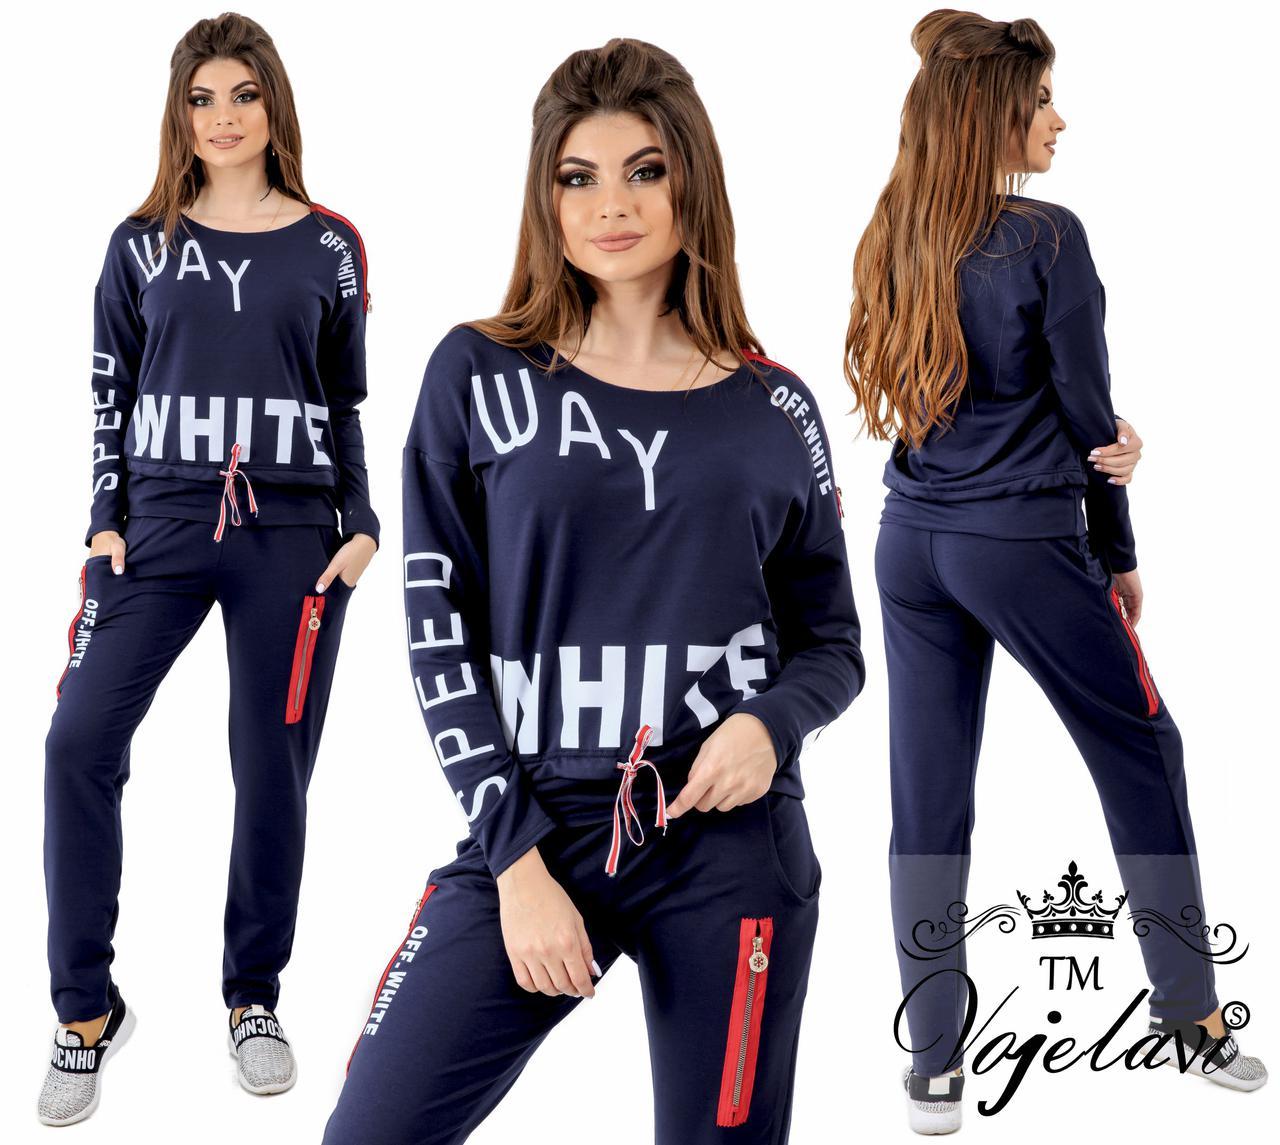 Женский синий спортивный костюм 42-46 размеры пр-во Украина 1024 ... 40eb76c5820